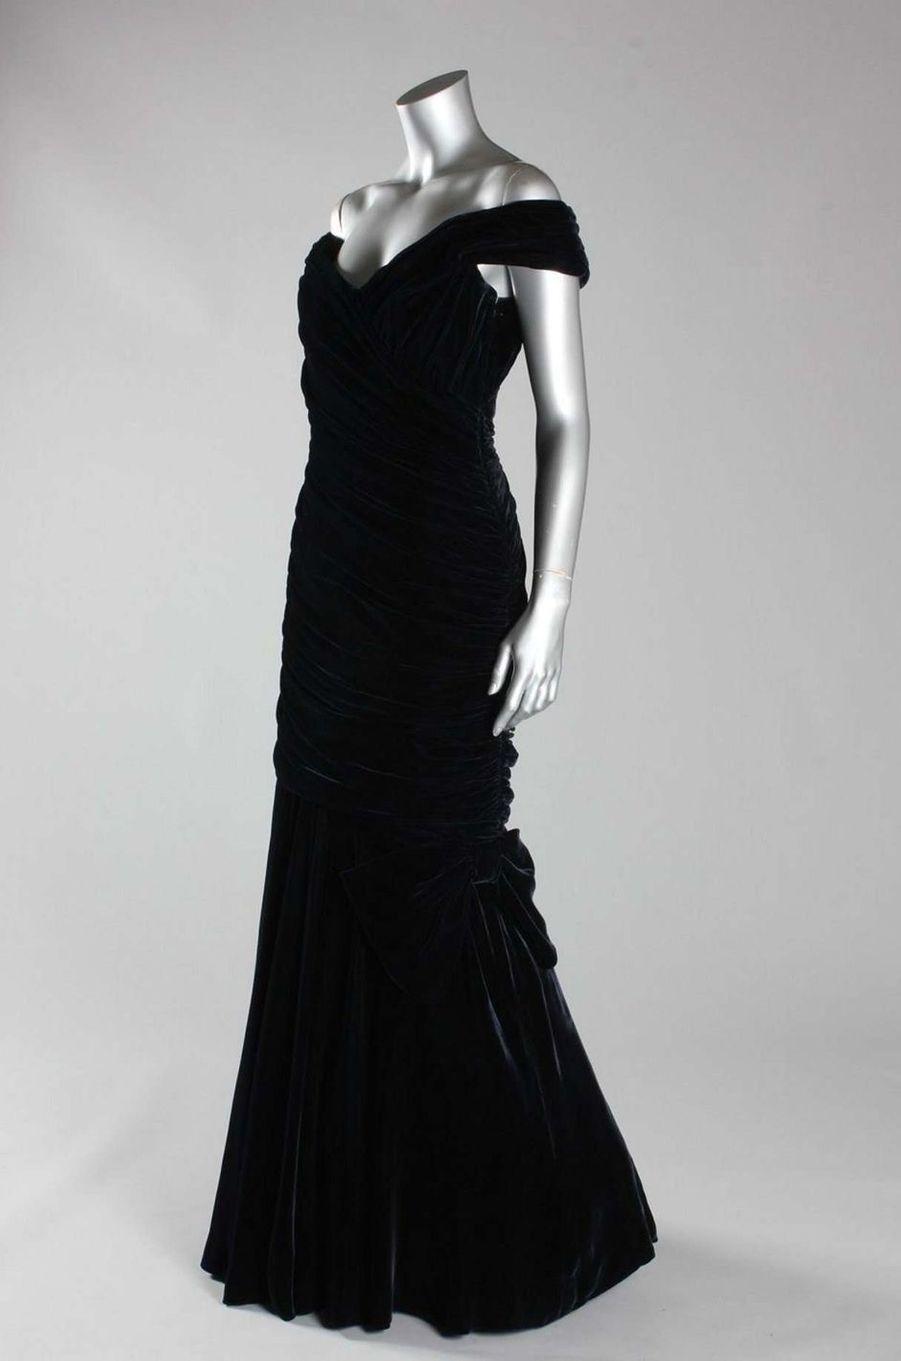 La robe que Lady Diana portait à la Maison Blanche à Washington, le 9 novembre 1985